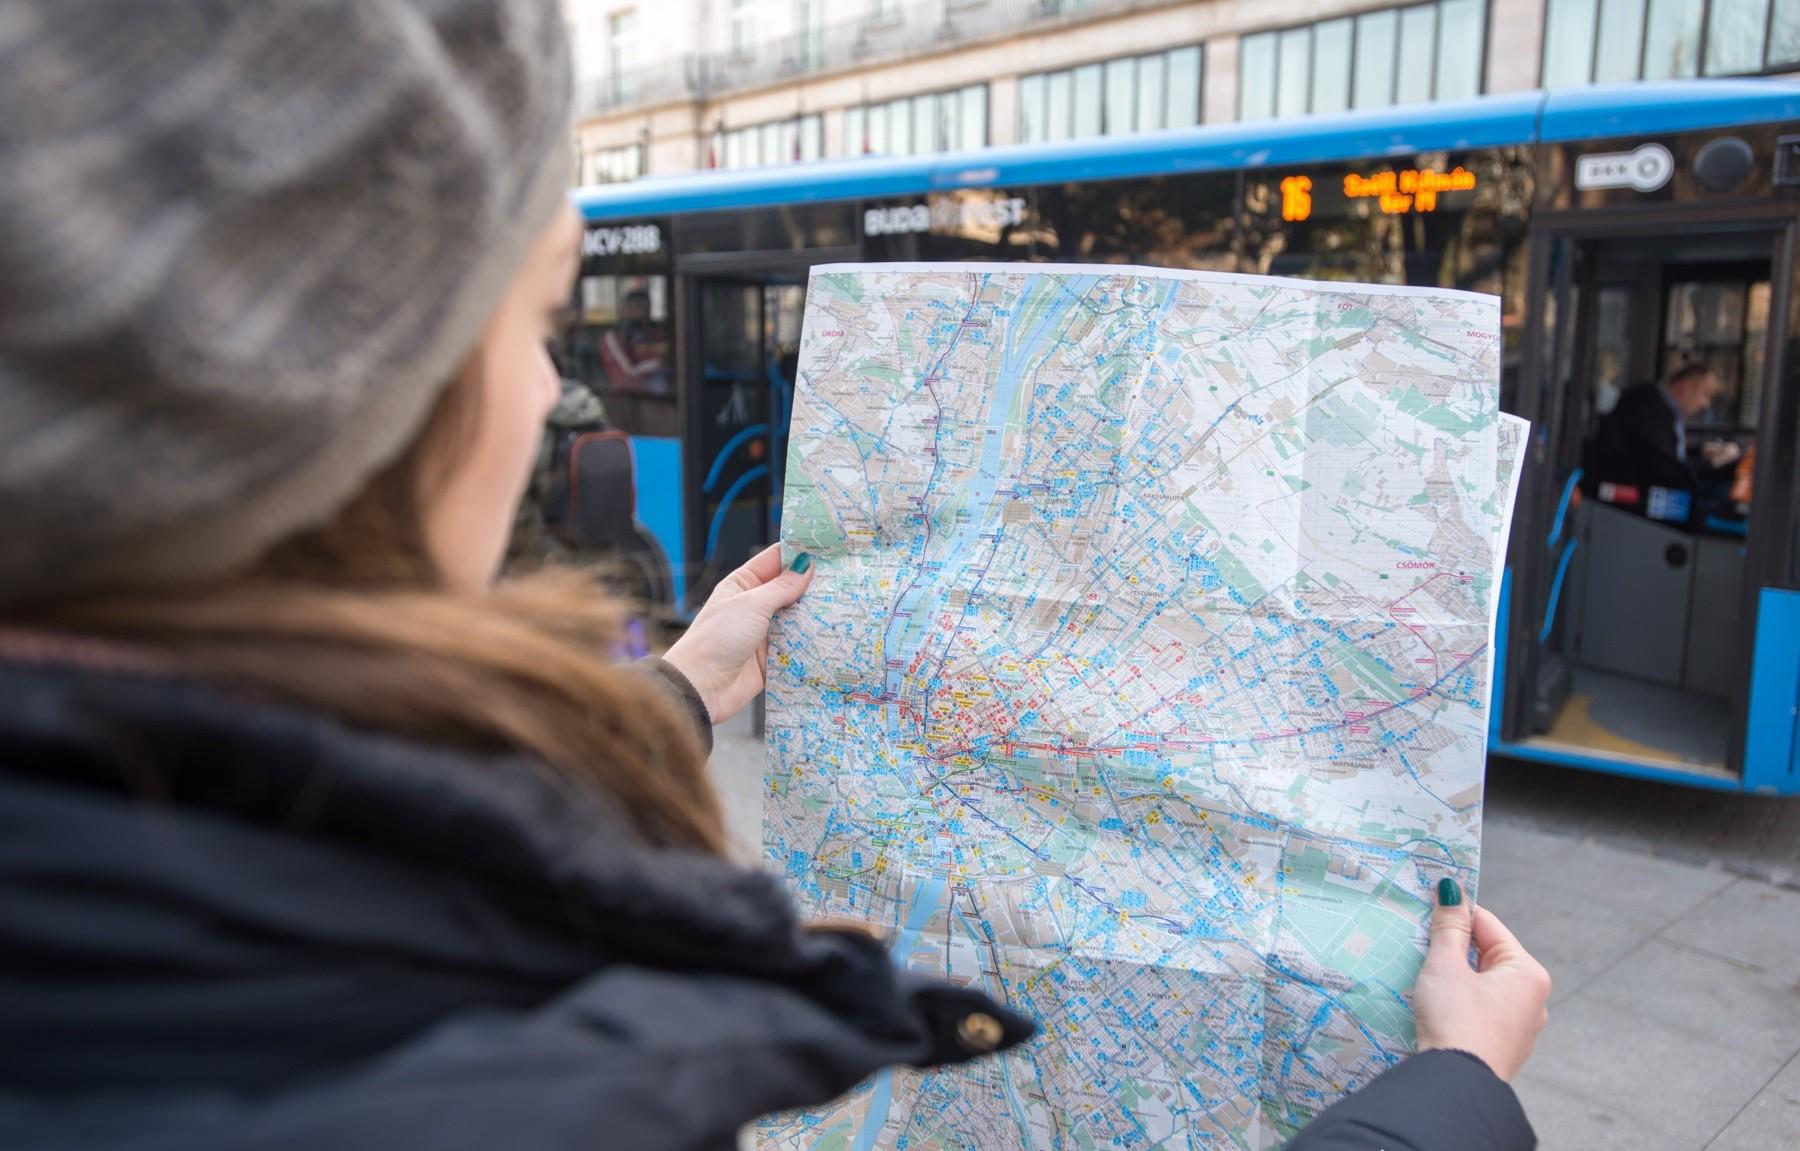 Ingyenes nyomtatott térképet adott ki a BKK